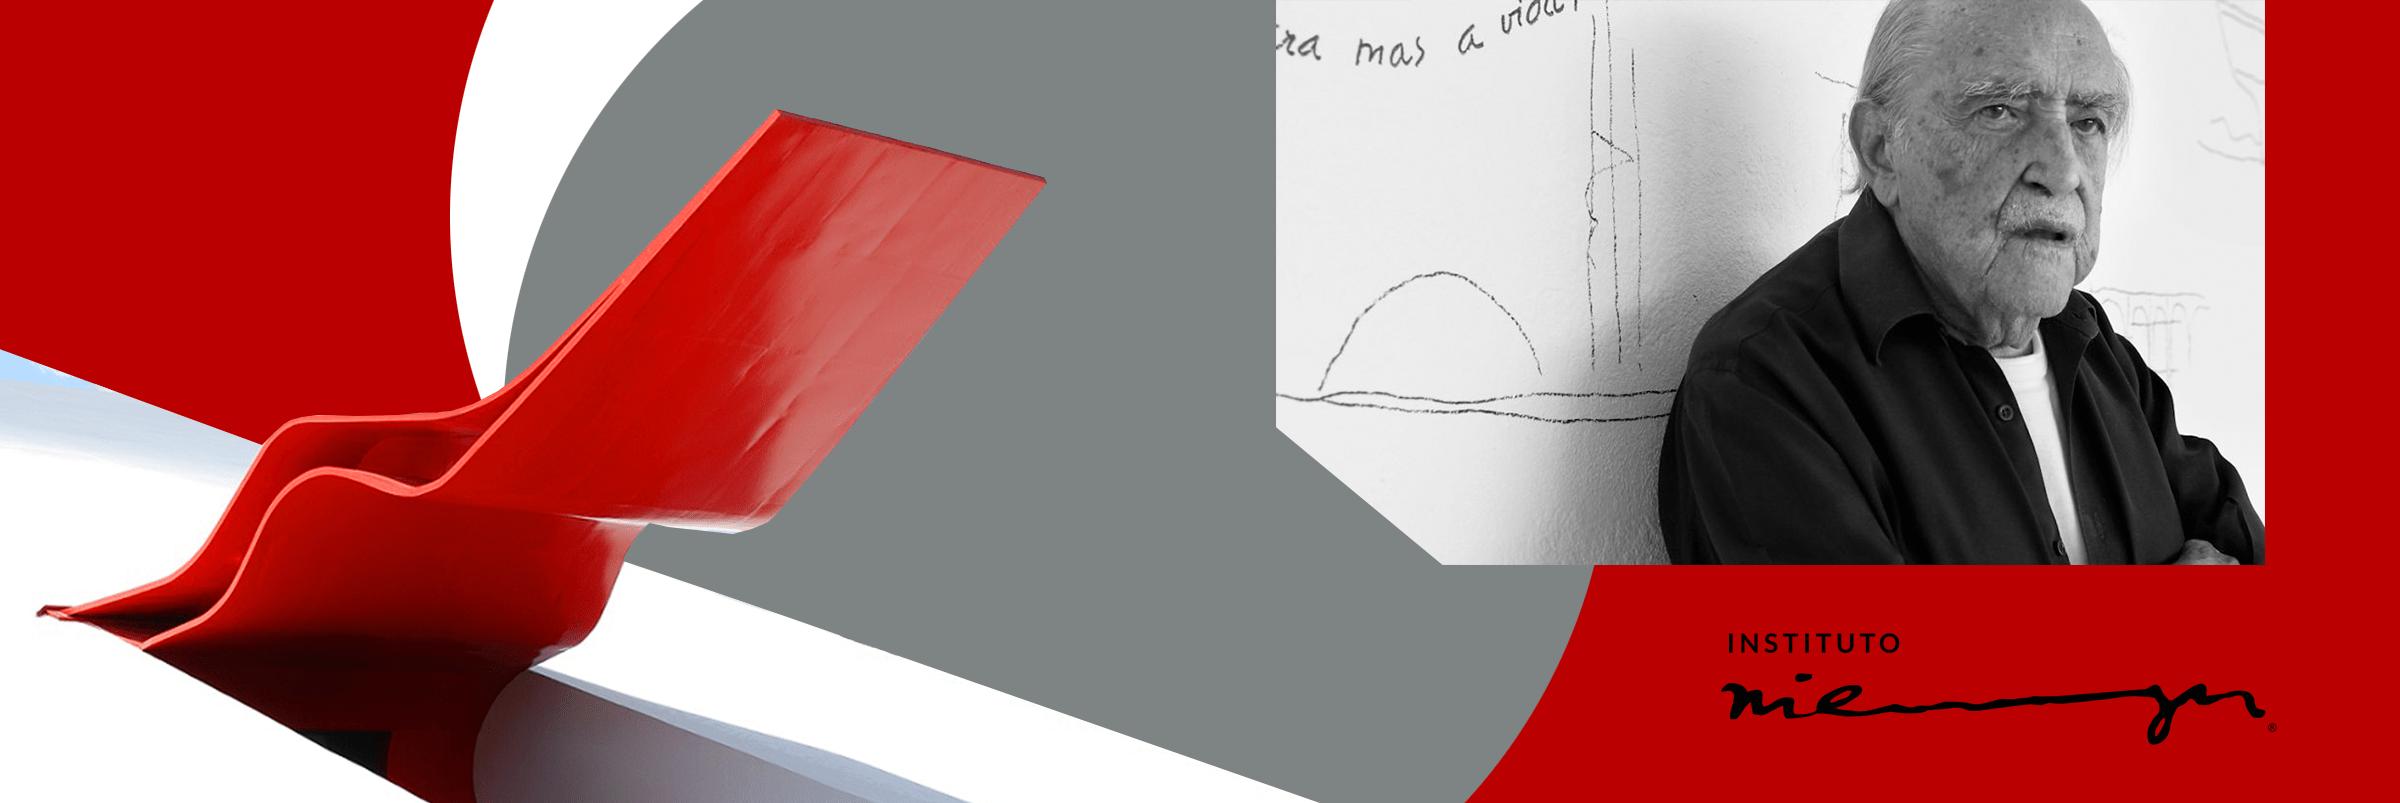 Instituto Niemeyer